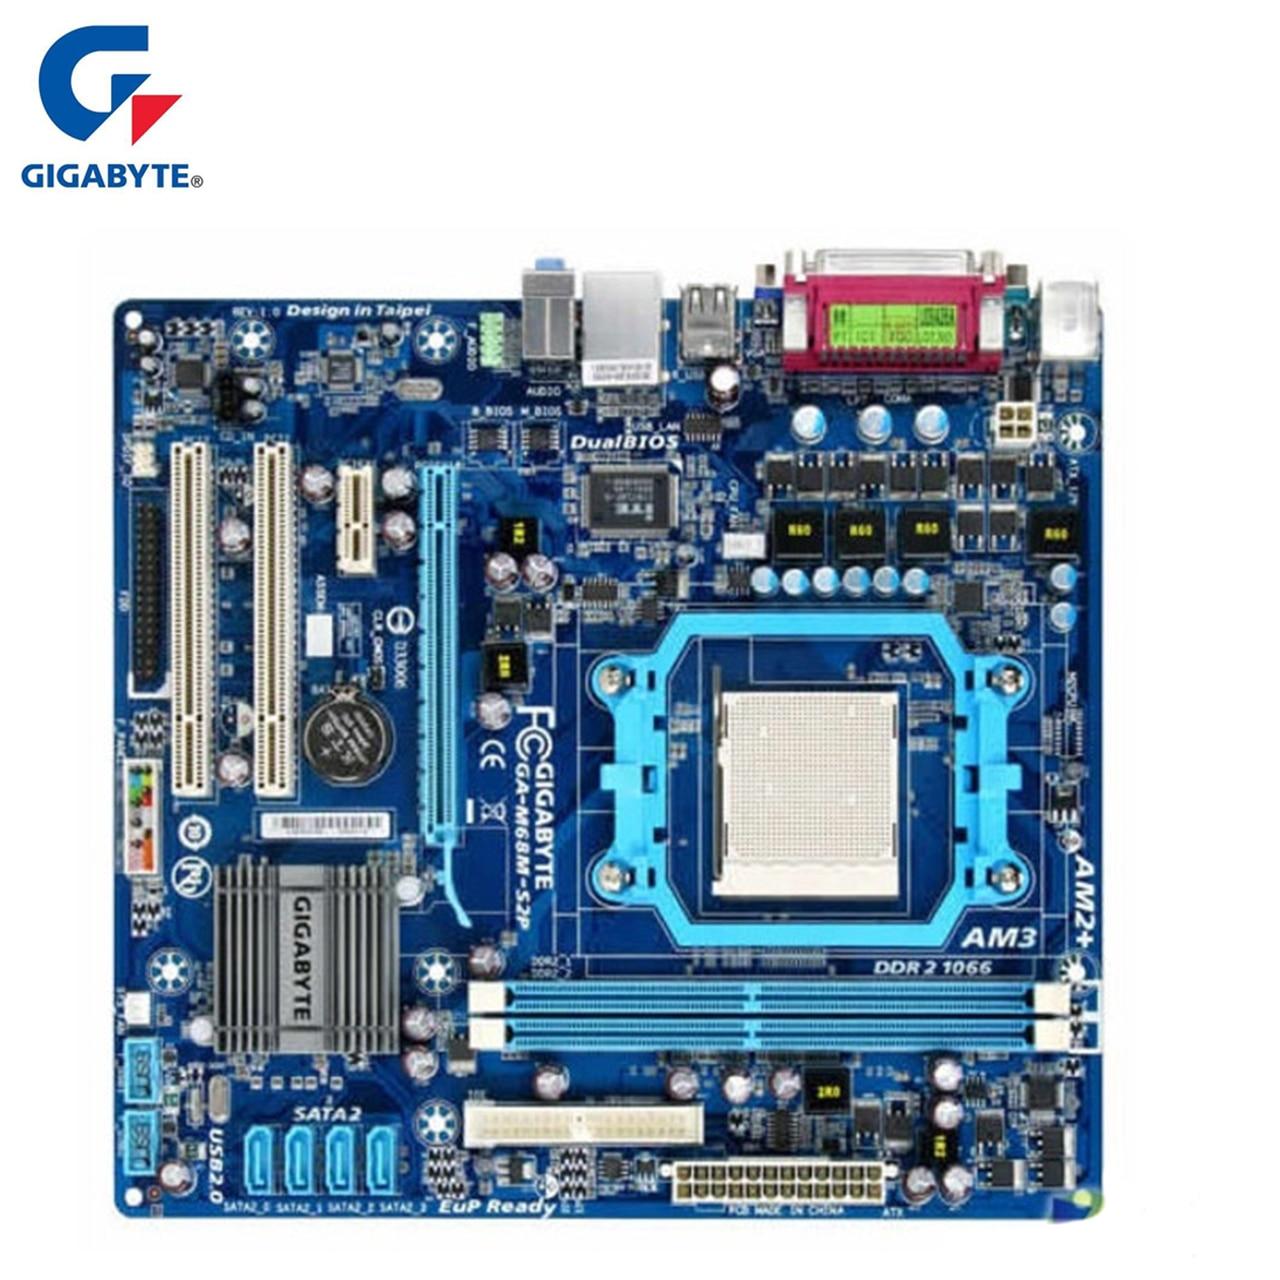 Gigabyte GA-M68M-S2P Motherboard DDR2 8 GB Socket AM2/AM2 +/AM3 M68M S2P escritorio Systemboard utilizado integrado gráficos